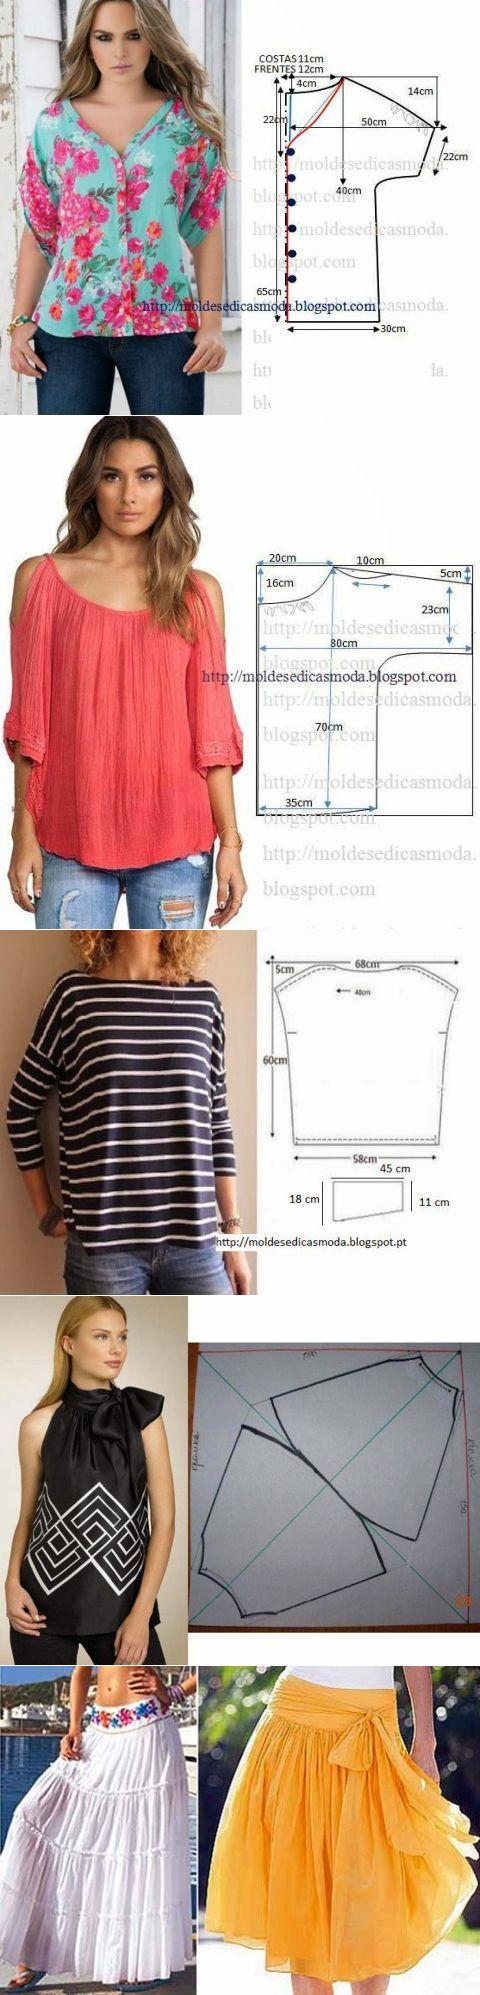 faldas y blusas de verano con patrones simples